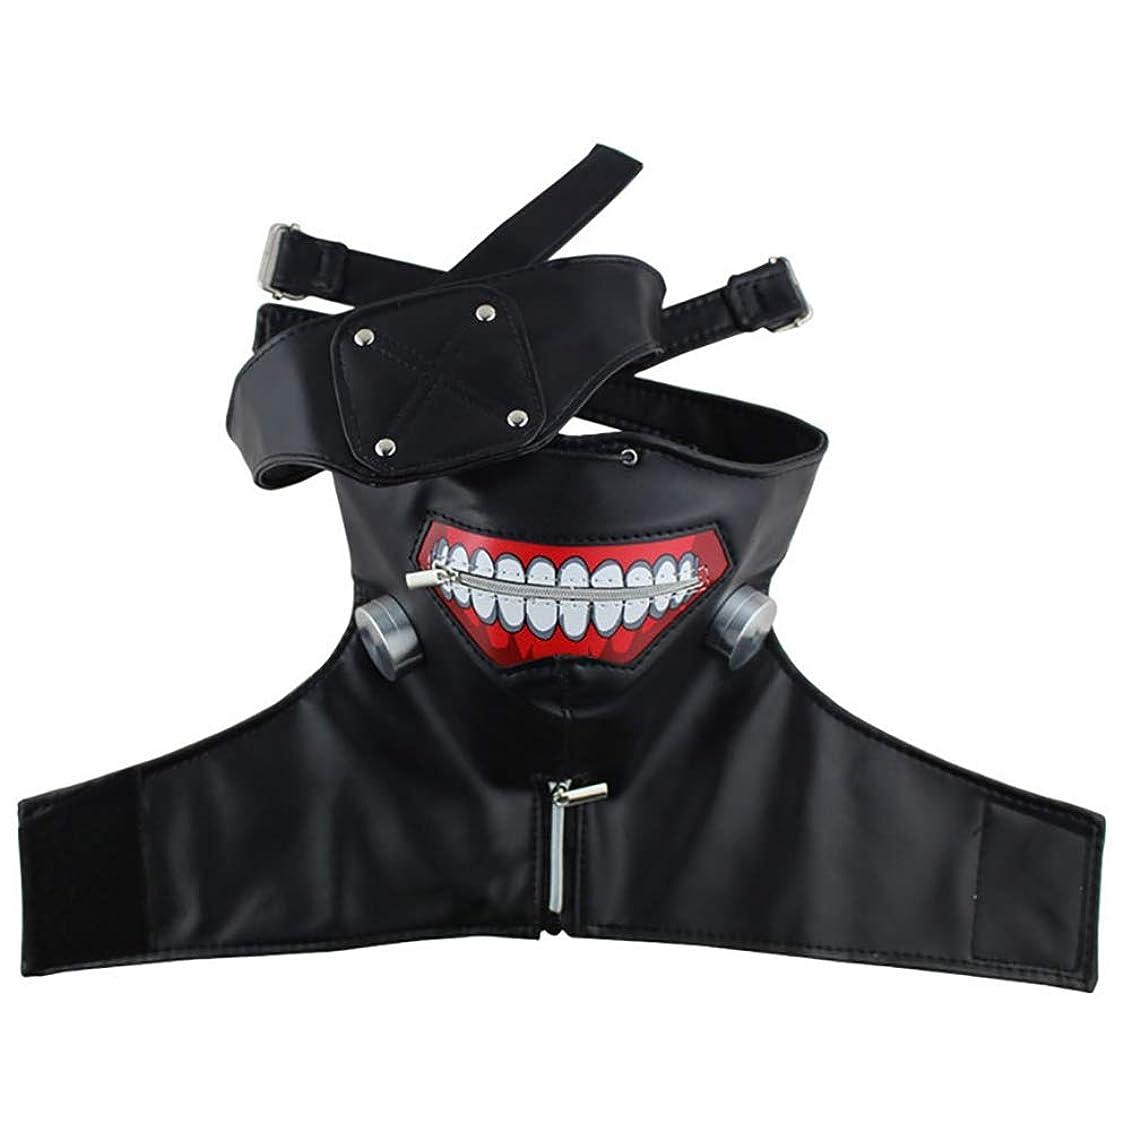 おとなしい困ったシングルEsolom 東京マスク 3D PUレザーマスク 調整可能なジッパー衣装小道具 アニメ ゴールデンウッドマスク ハロウィンロールプレイング